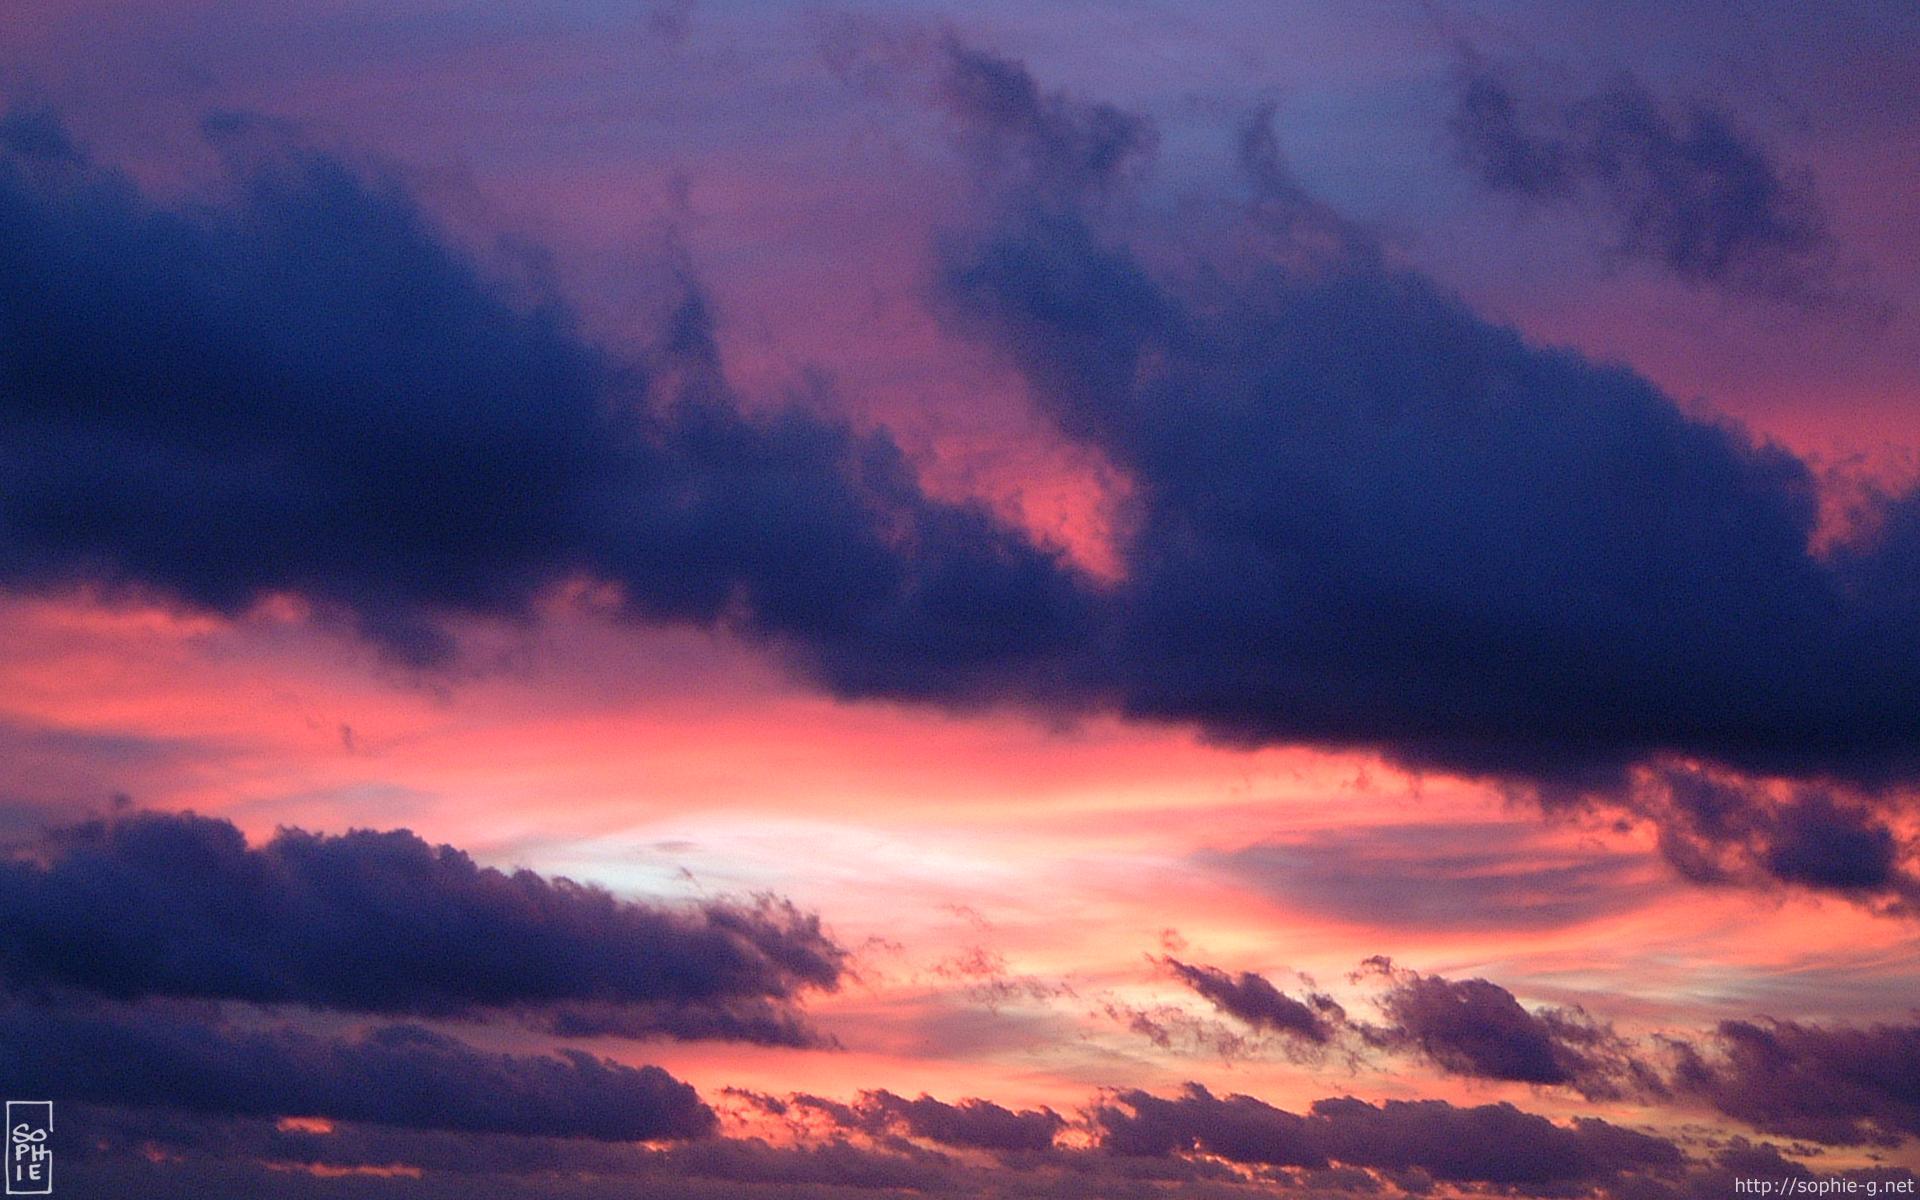 Red & violet sunset - 1920×1200 desktop wallpaper - Coucher de soleil rouge & violet - Fond d ...